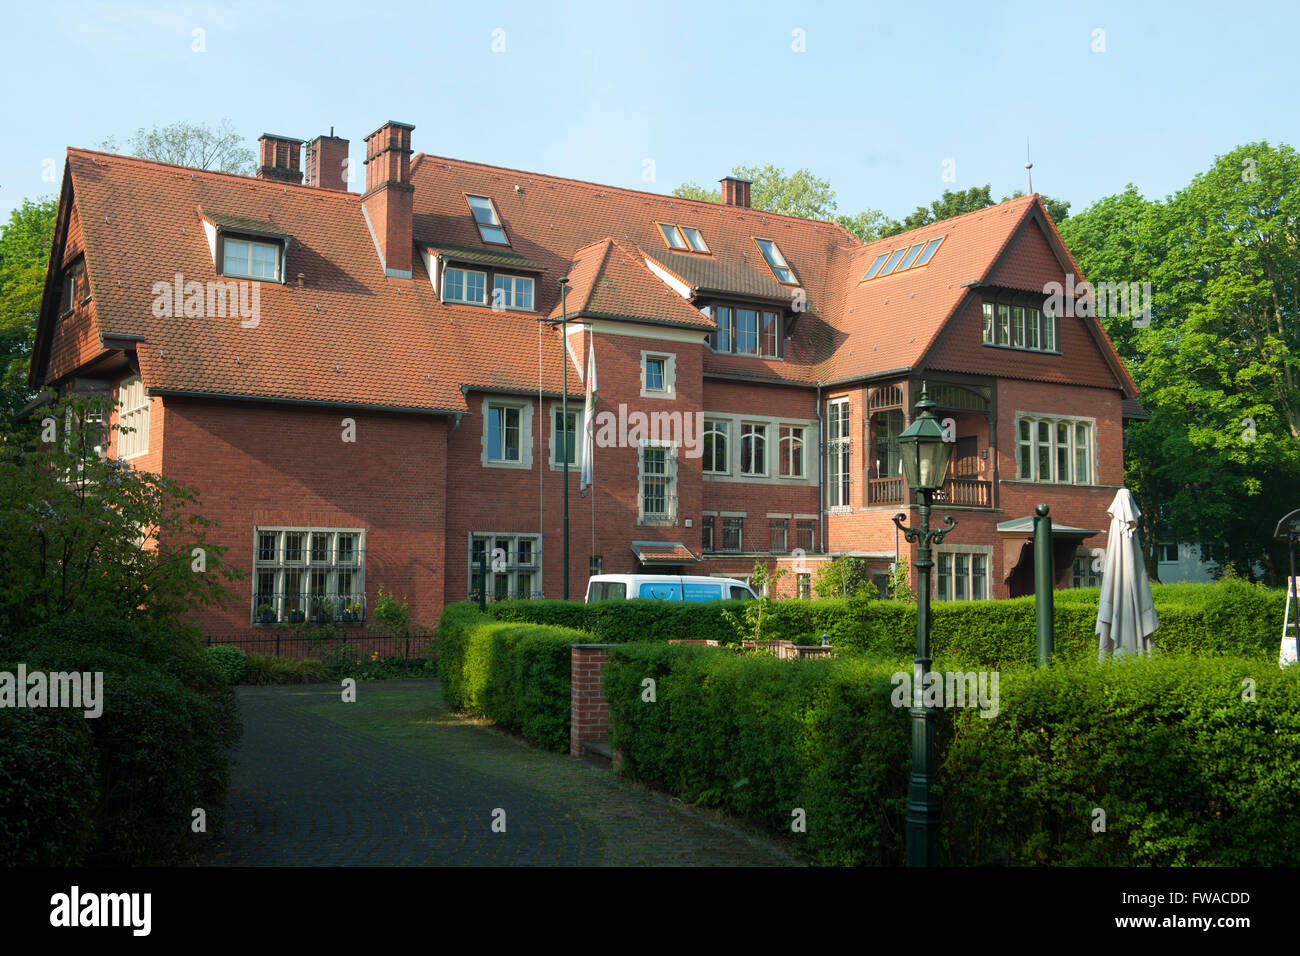 Kö¶ln, Marienburg, Villa Vorster, Architekt Otto March. Die Villa Vorster ist ein 18911894 erbautes - Stock Image